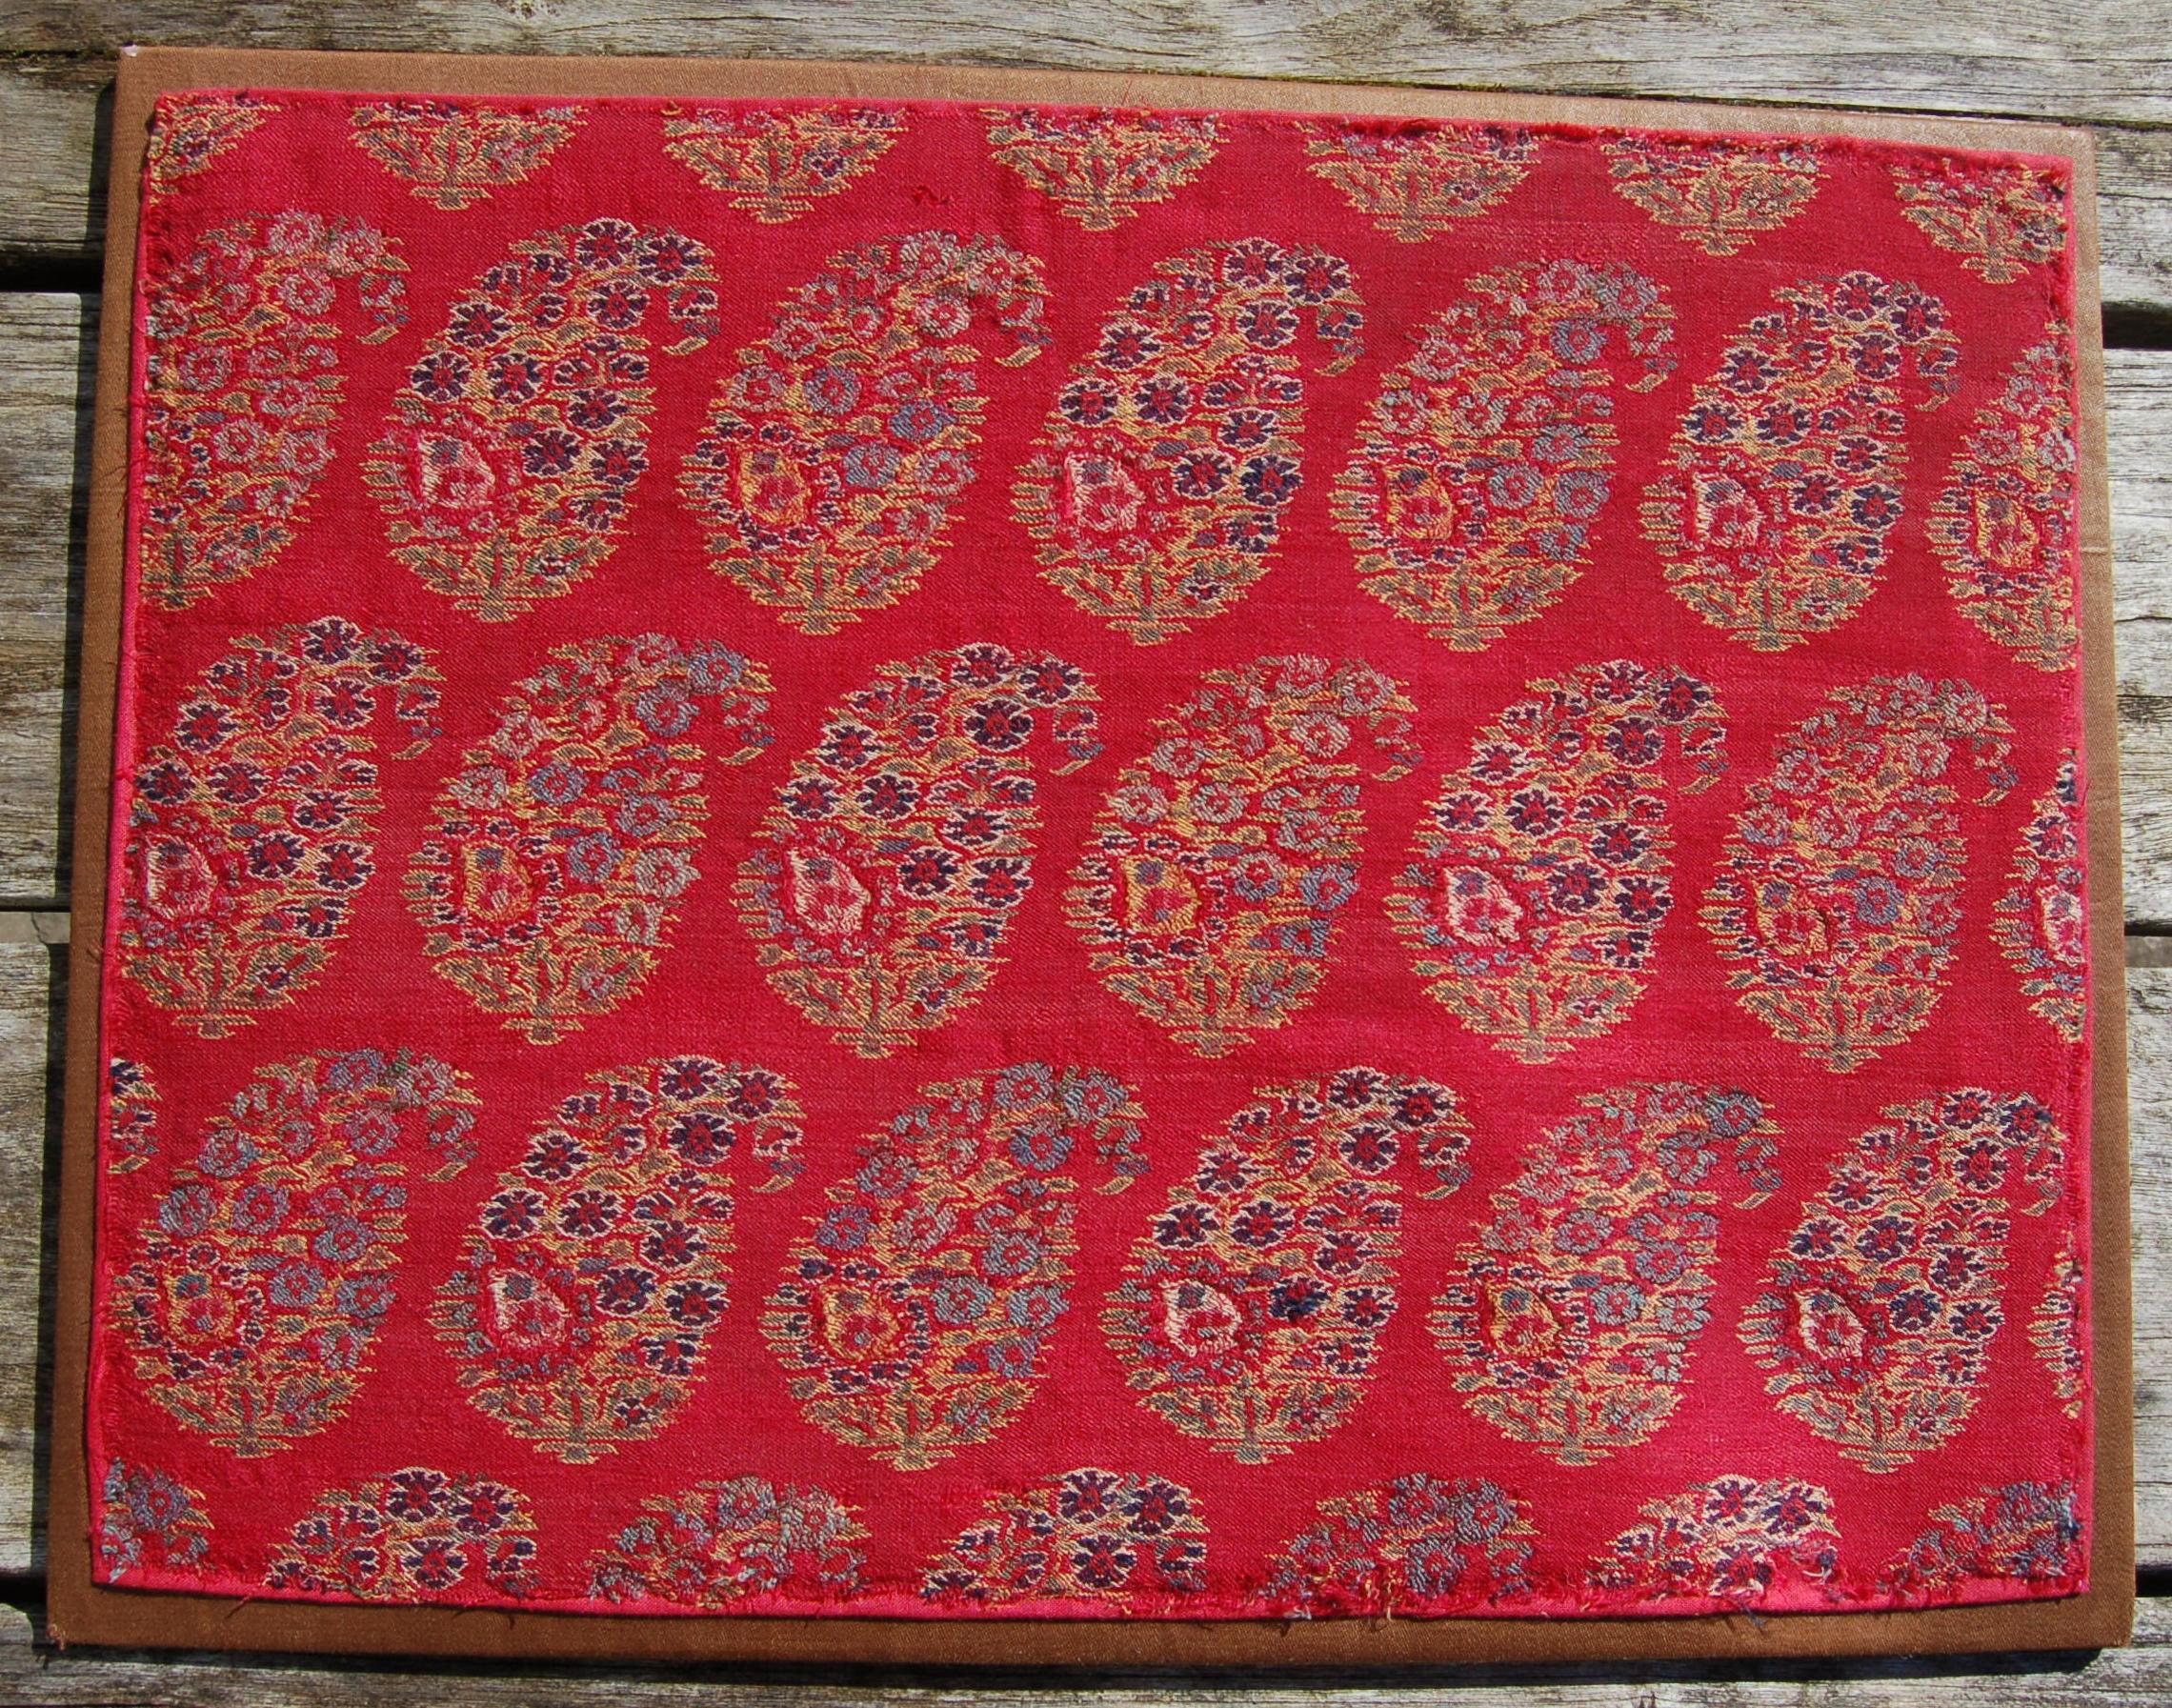 Kashmir shawl fragment